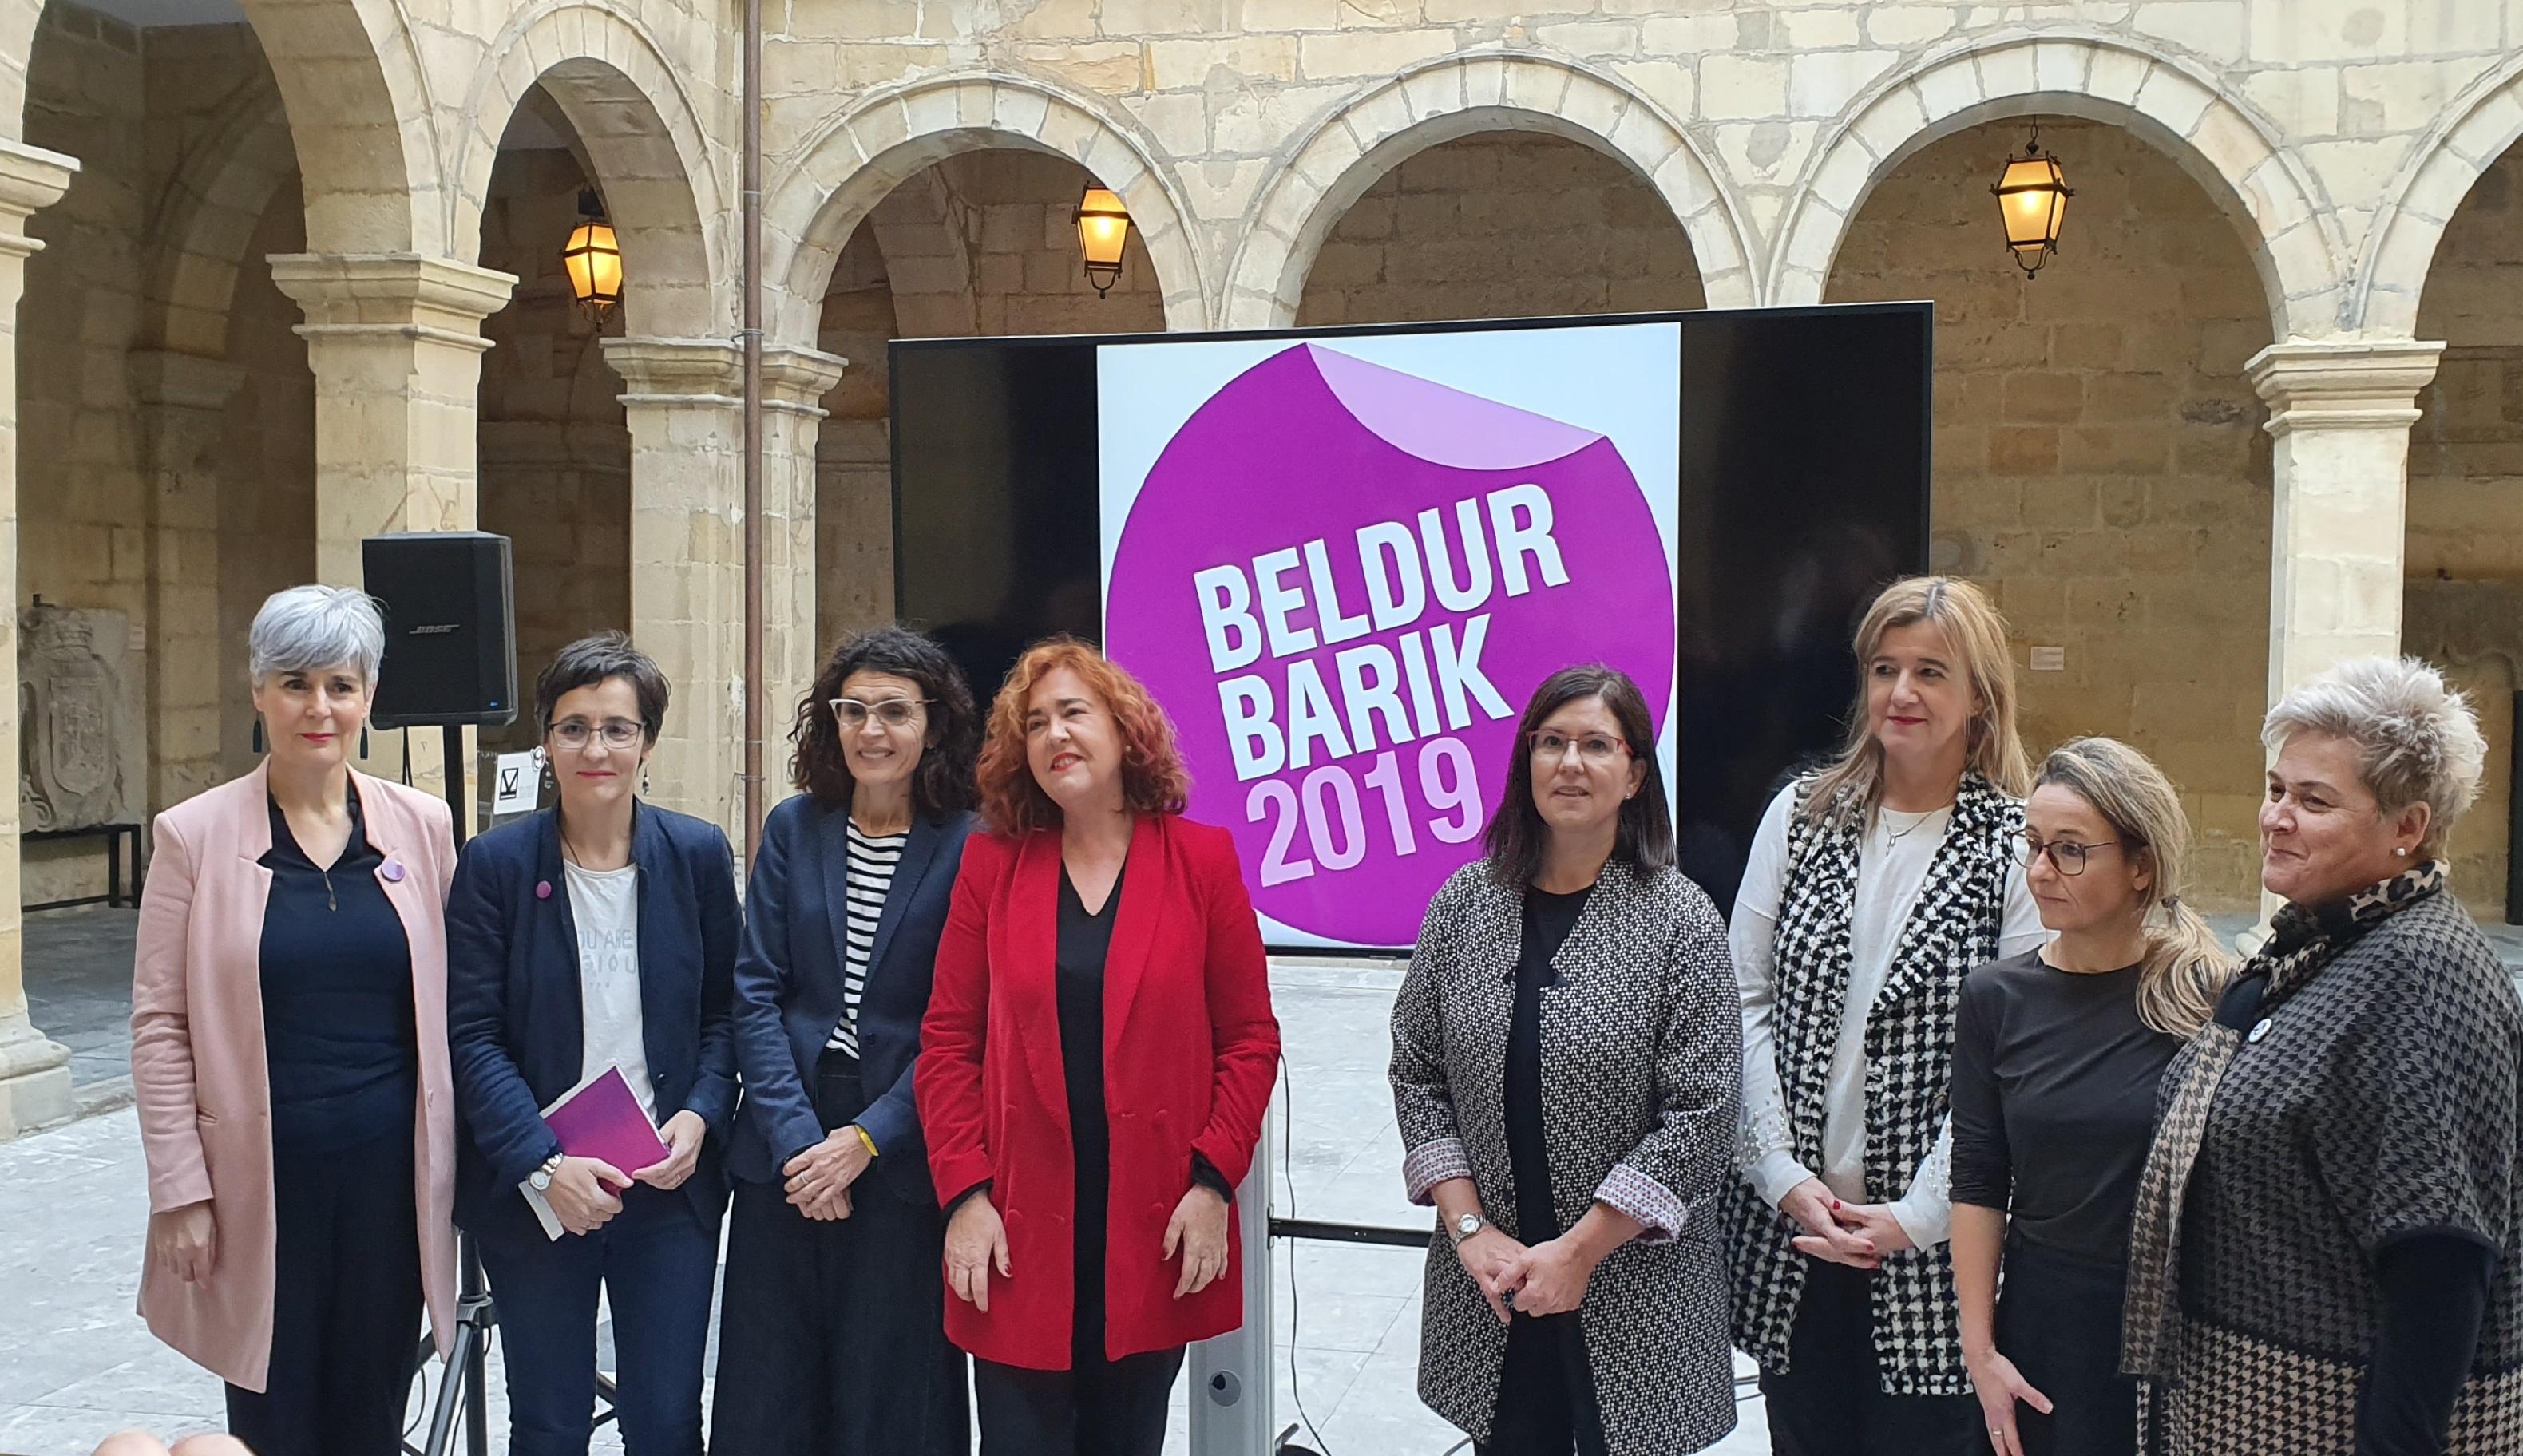 2019-11-19_BELDUR_BARIK1.jpg